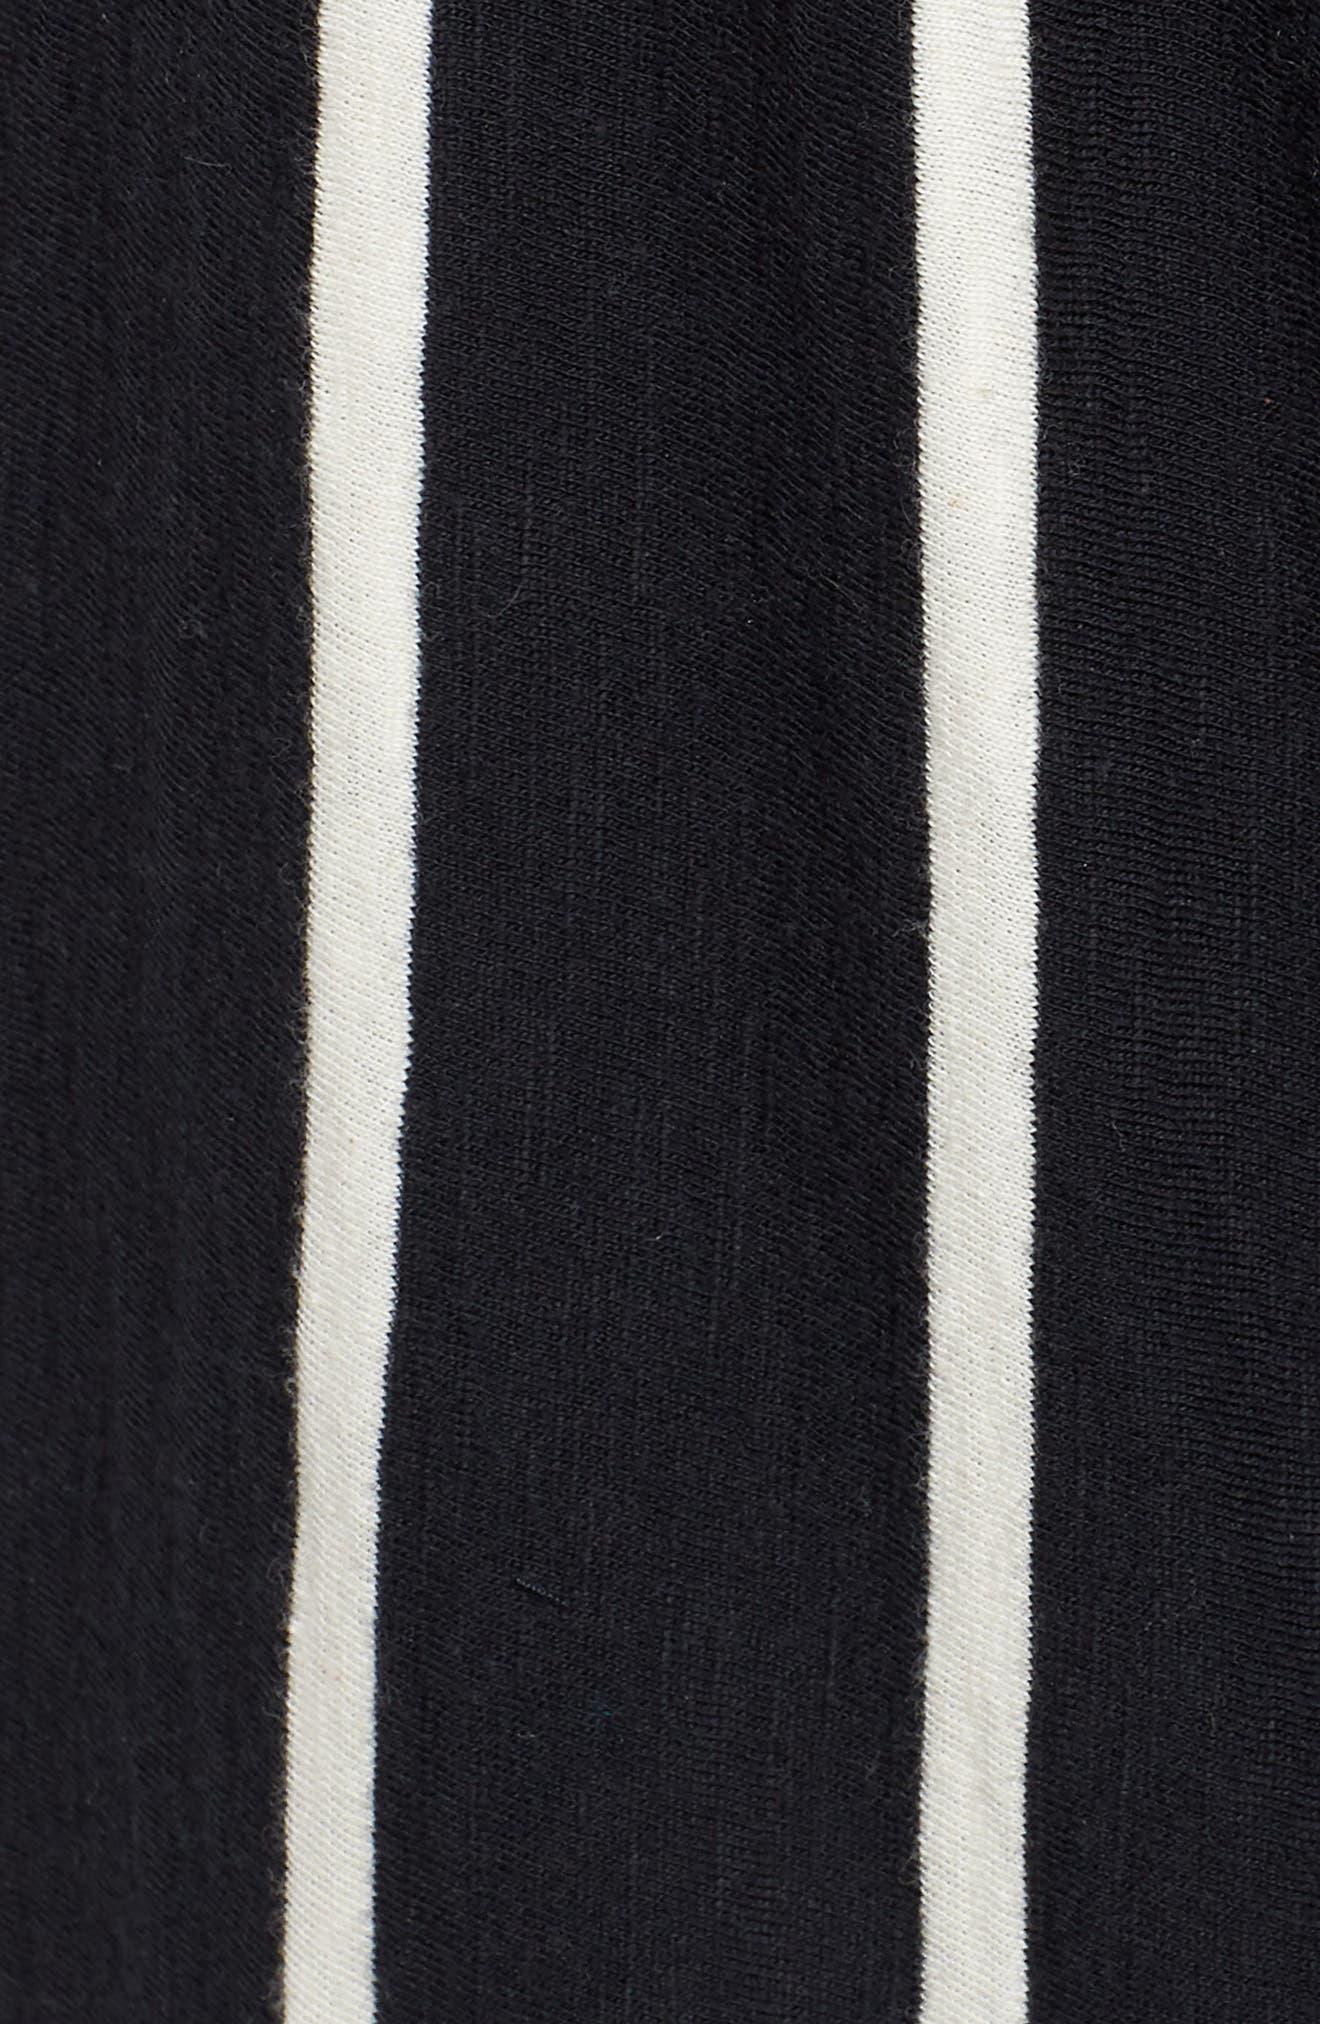 Stripe Organic Cotton Capri Pants,                             Alternate thumbnail 6, color,                             018